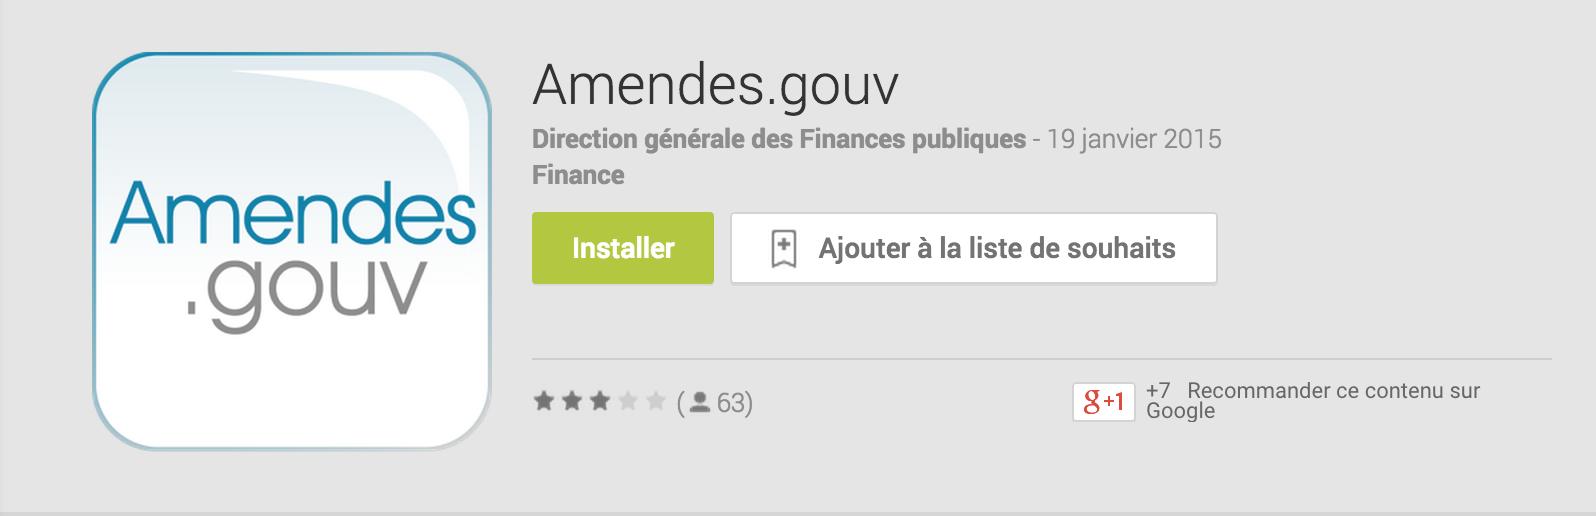 amendes.gouv est désormais disponible sur iTunes et GooglePlay pour payer vos amendes. L'application est en téléchargement gratuit.